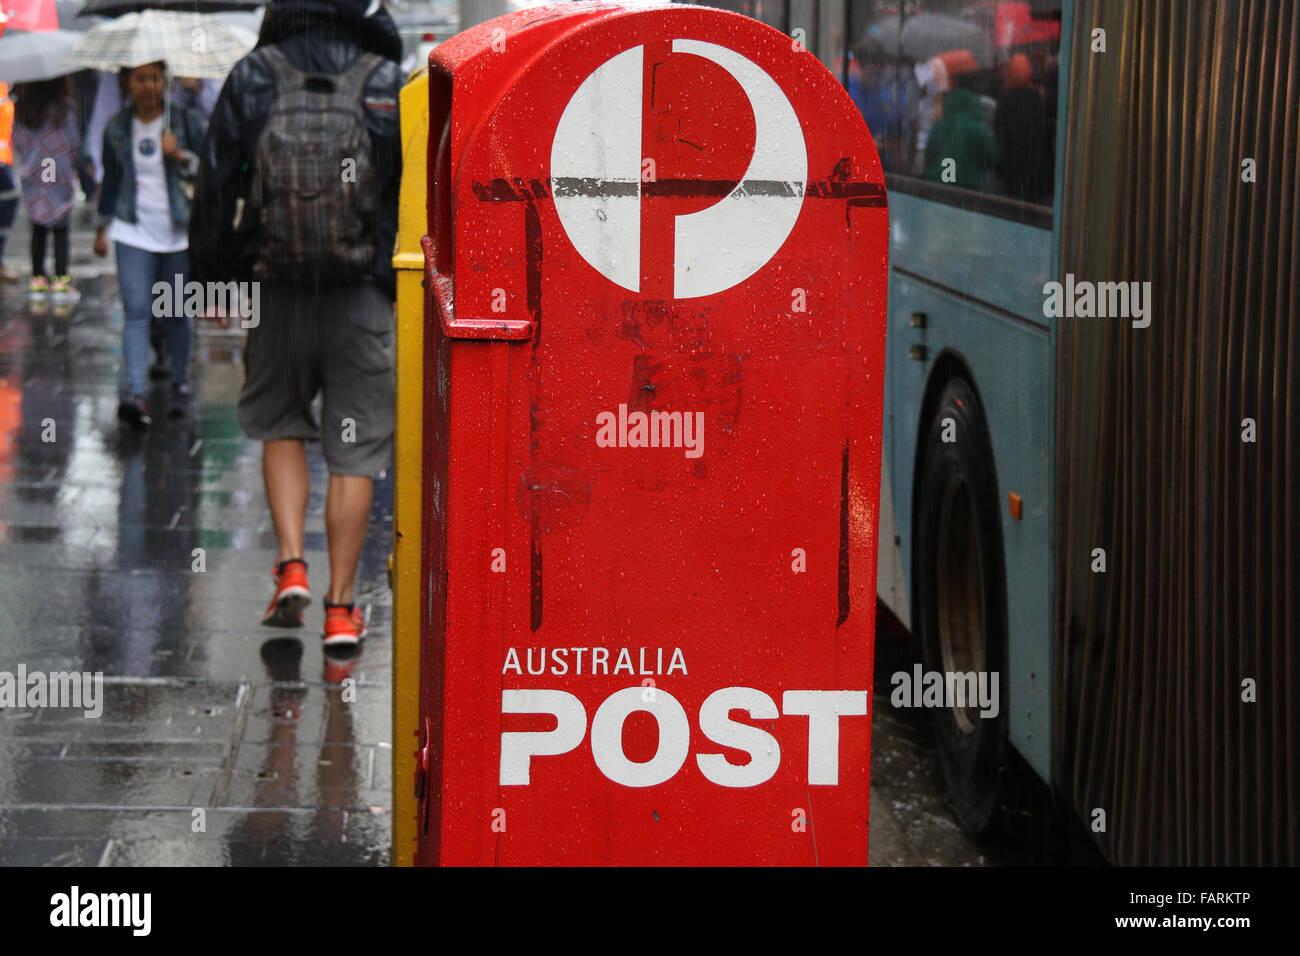 Australia Post Boxes Stock Photos & Australia Post Boxes